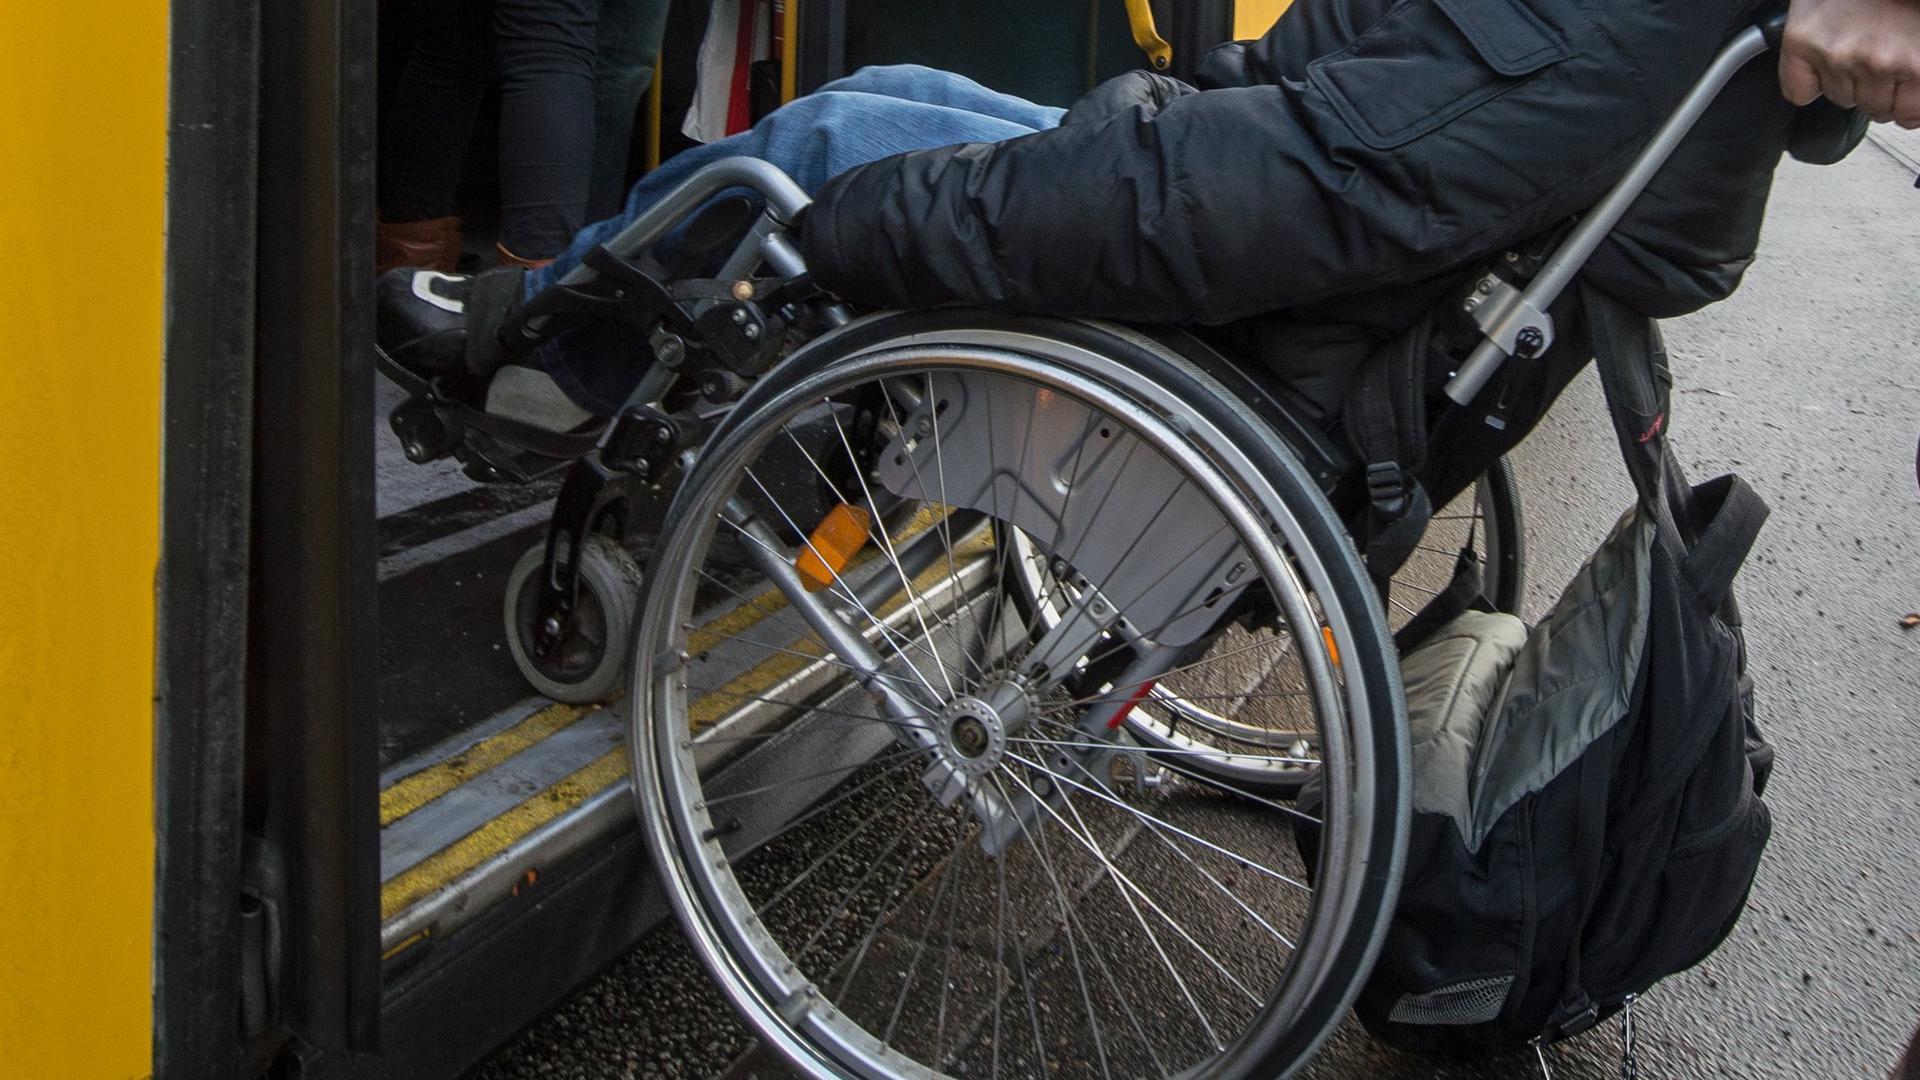 Mühsamer Einstieg: Damit auch künftig Menschen mit Handycap einfacher in den Bus kommen, will die Gemeinde Malsch bis Ende 2026 über 30 Haltestellen barrierefrei ausbauen. (Symbolbild)